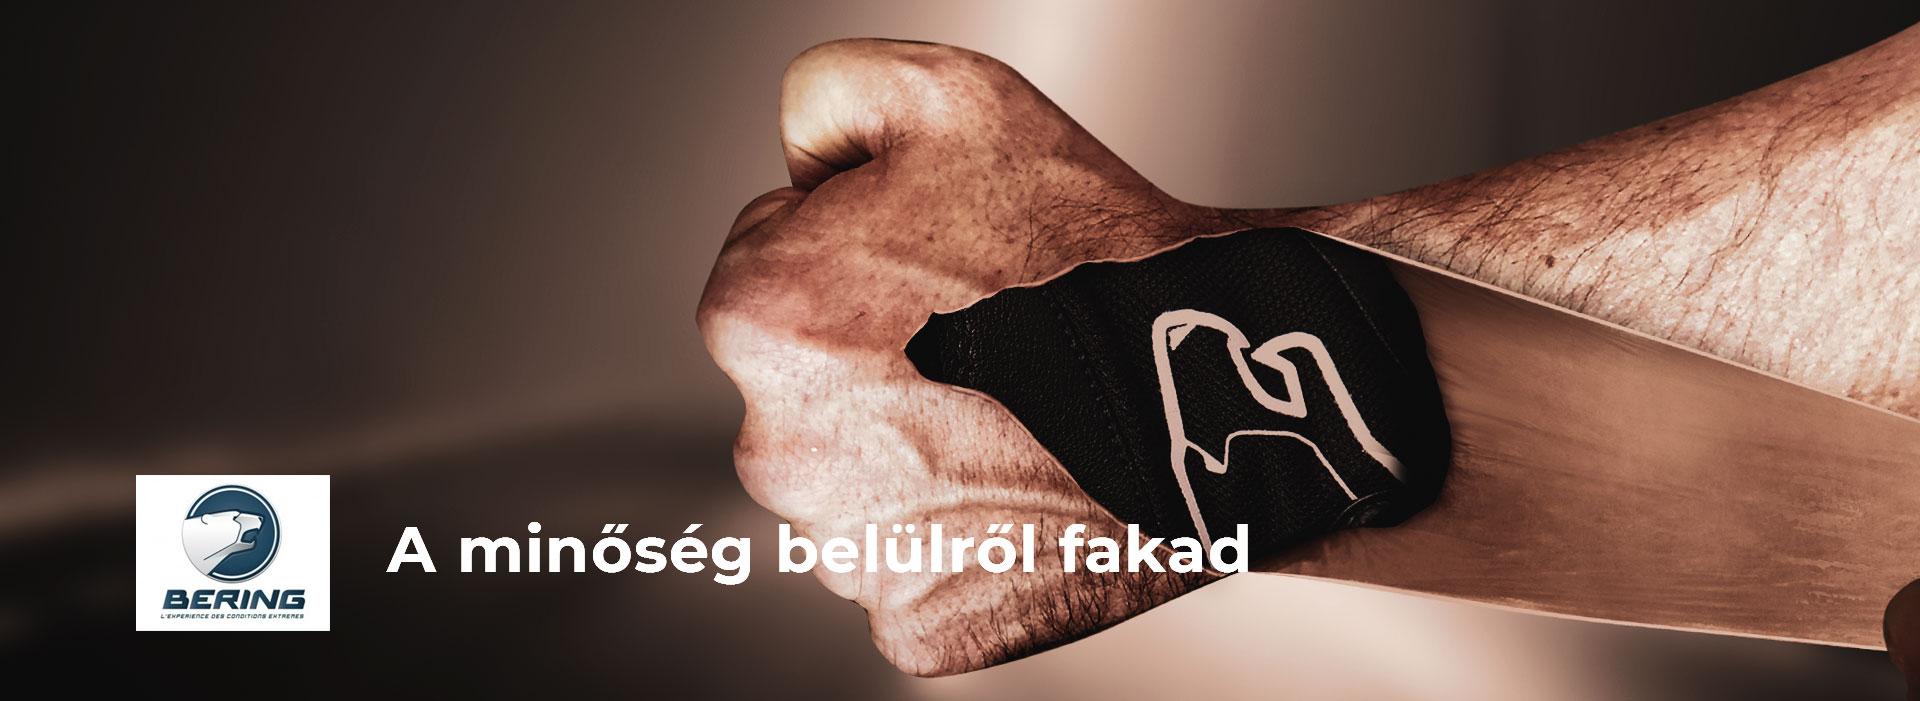 Bering-kampany